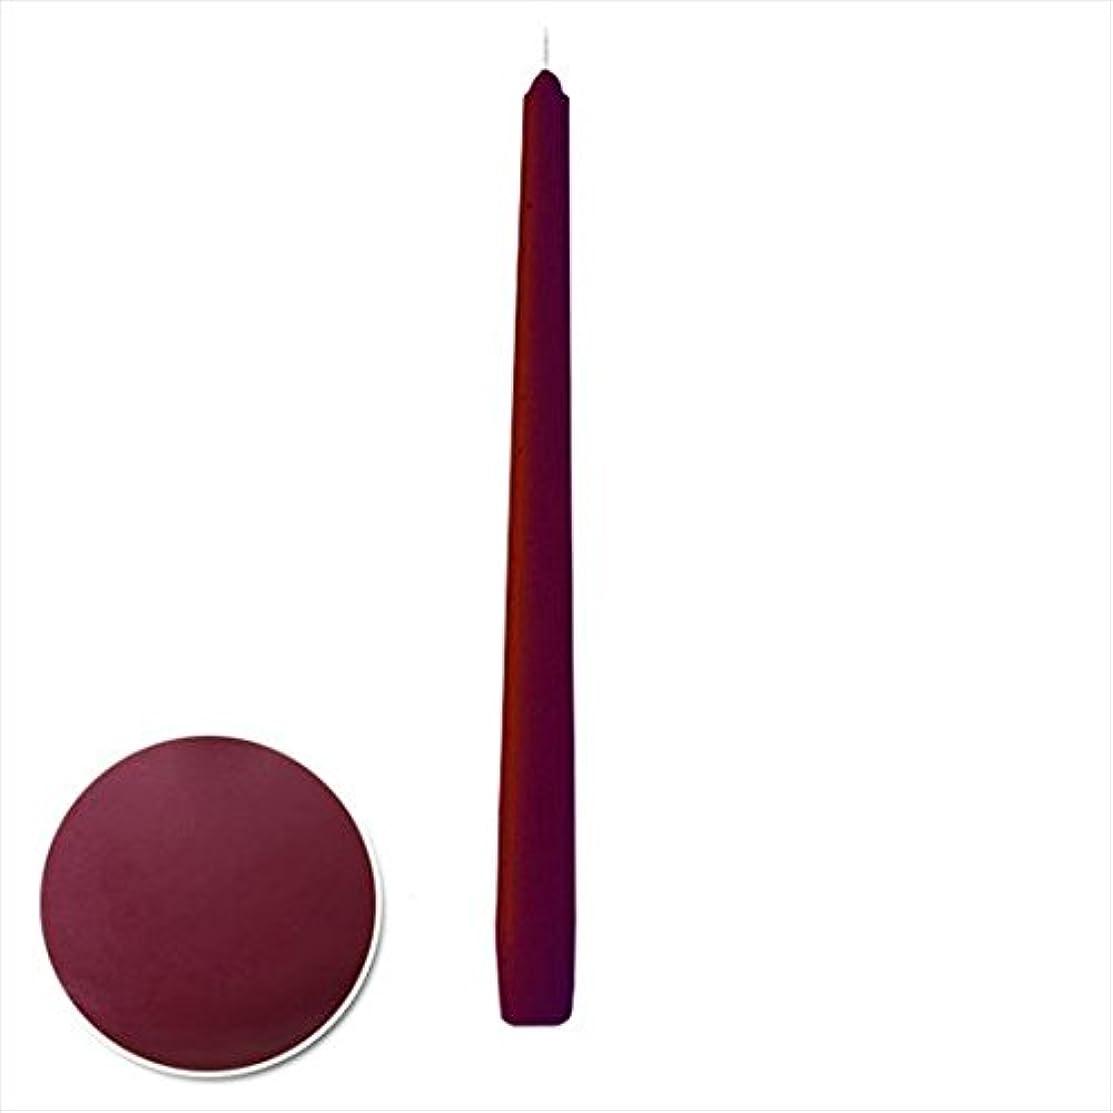 教室タフ糞カメヤマキャンドル( kameyama candle ) 12インチテーパー 「 ボルドー 」 12本入り